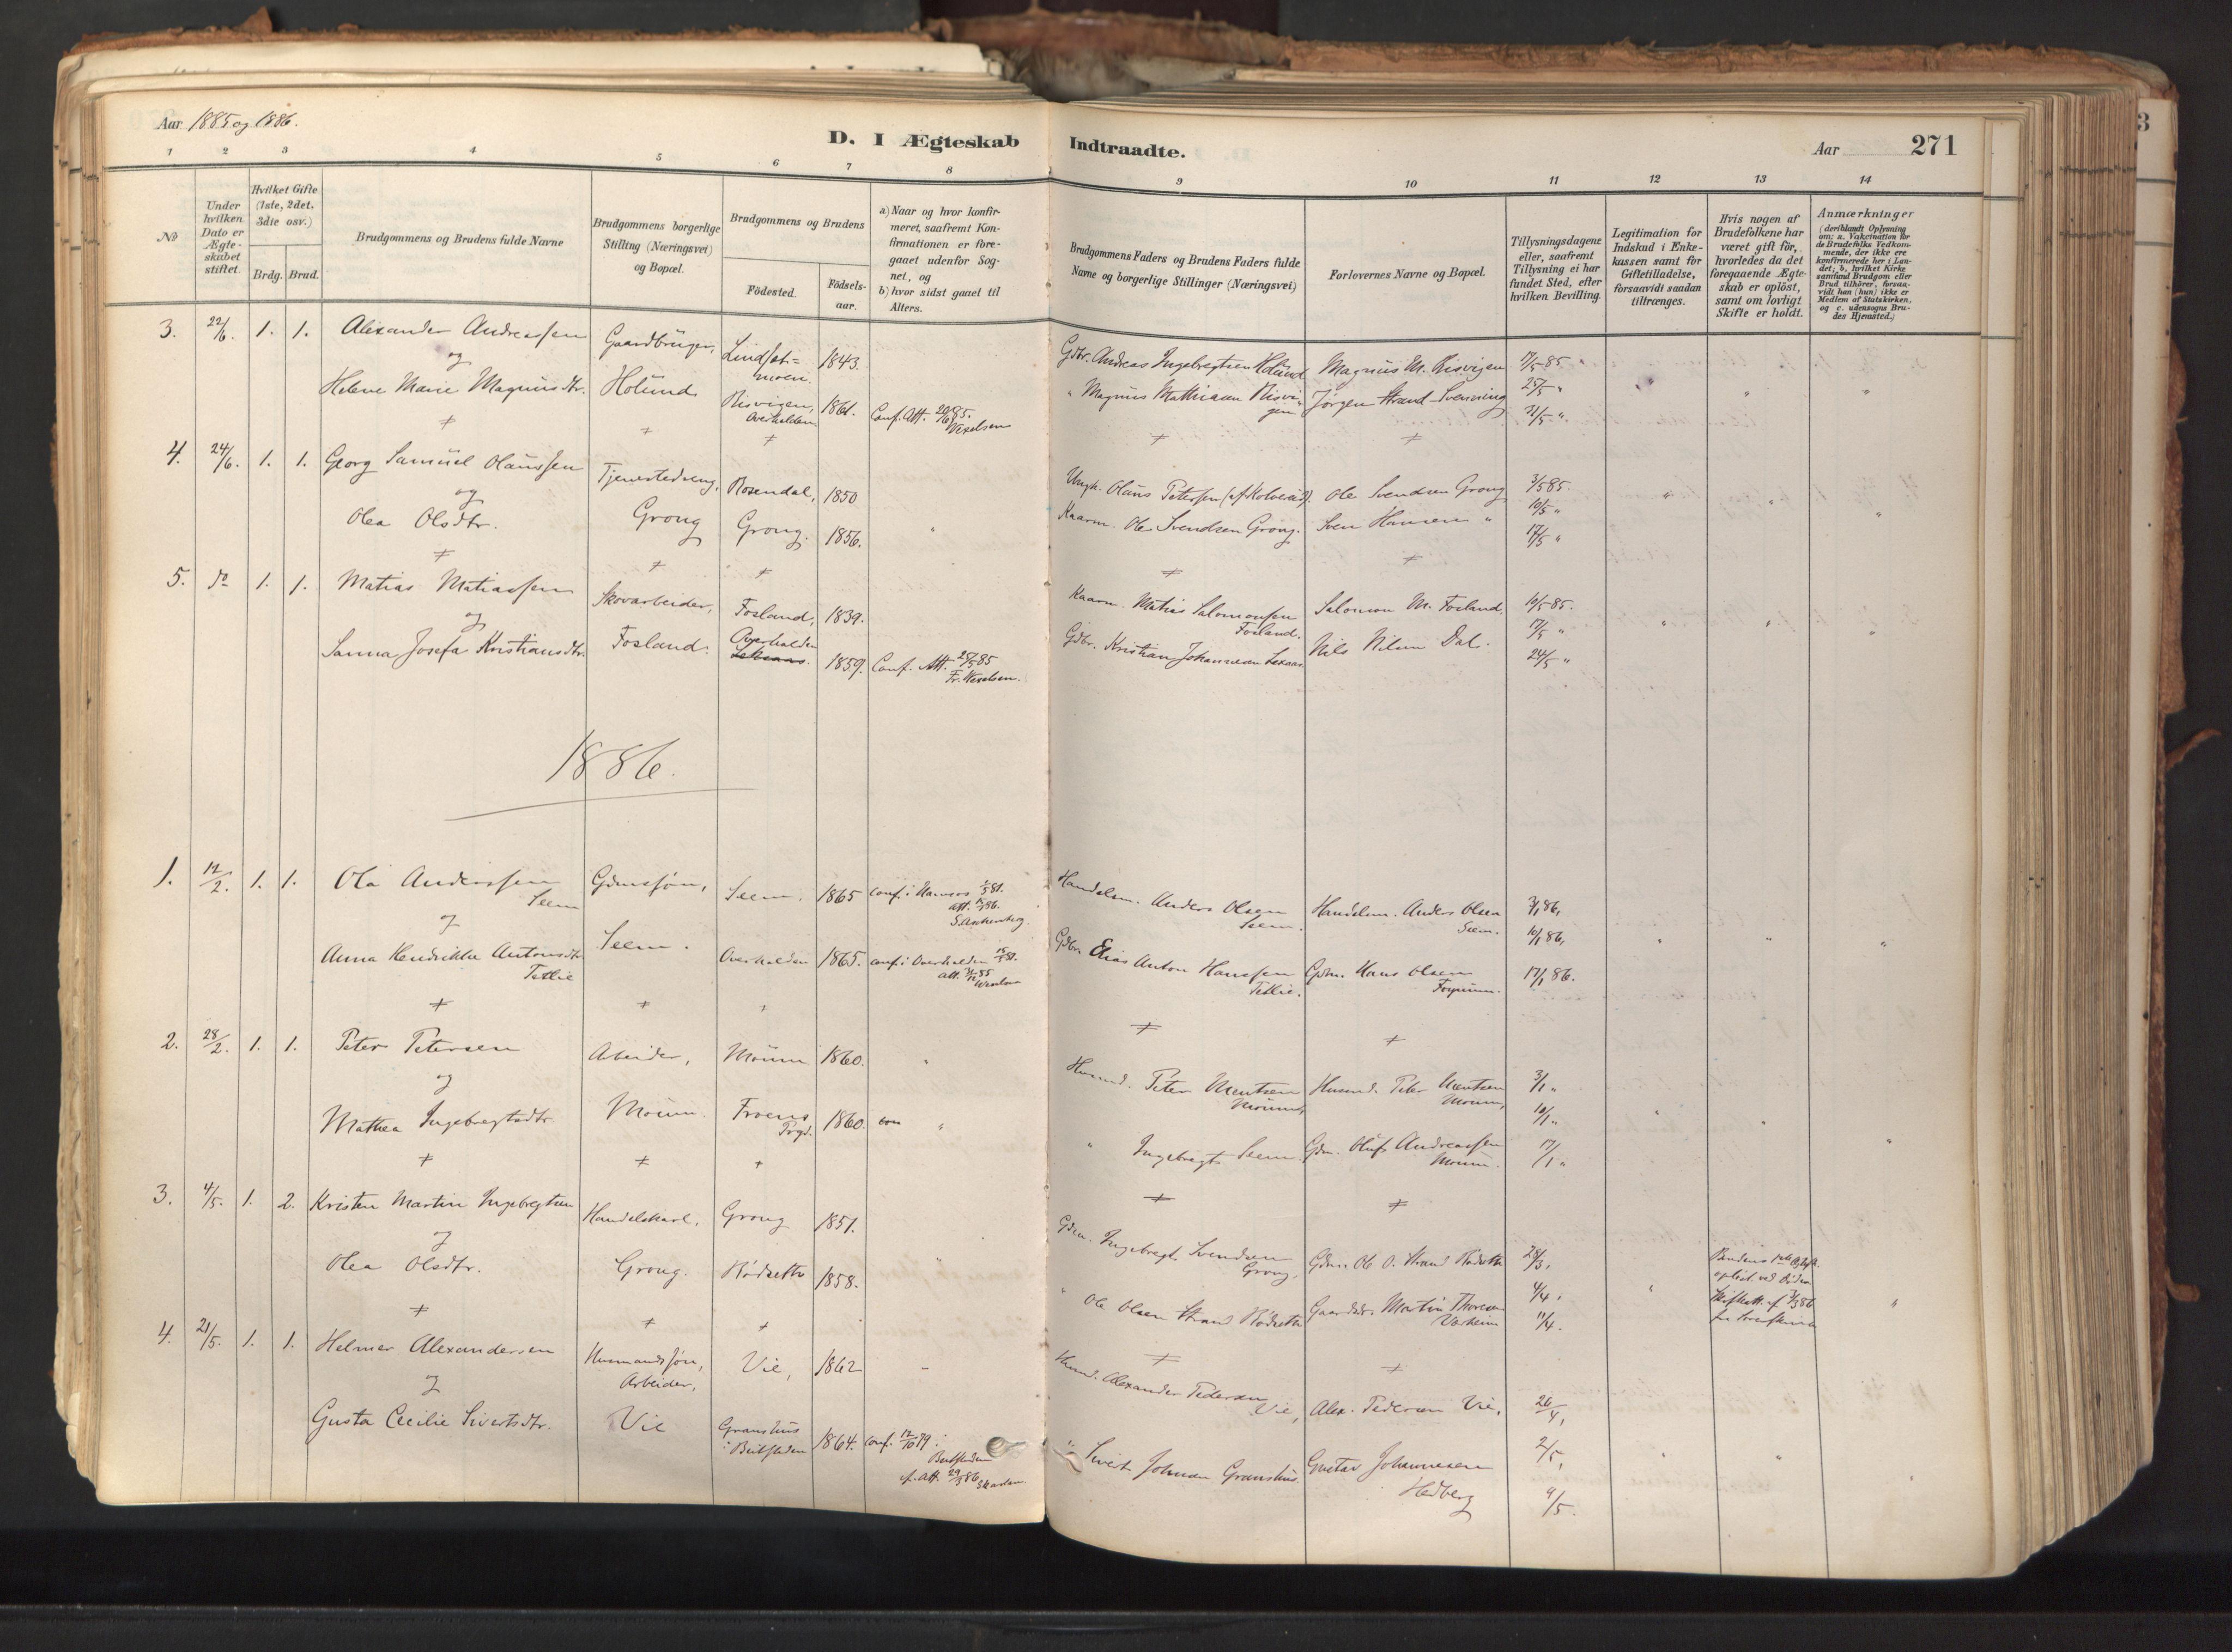 SAT, Ministerialprotokoller, klokkerbøker og fødselsregistre - Nord-Trøndelag, 758/L0519: Ministerialbok nr. 758A04, 1880-1926, s. 271